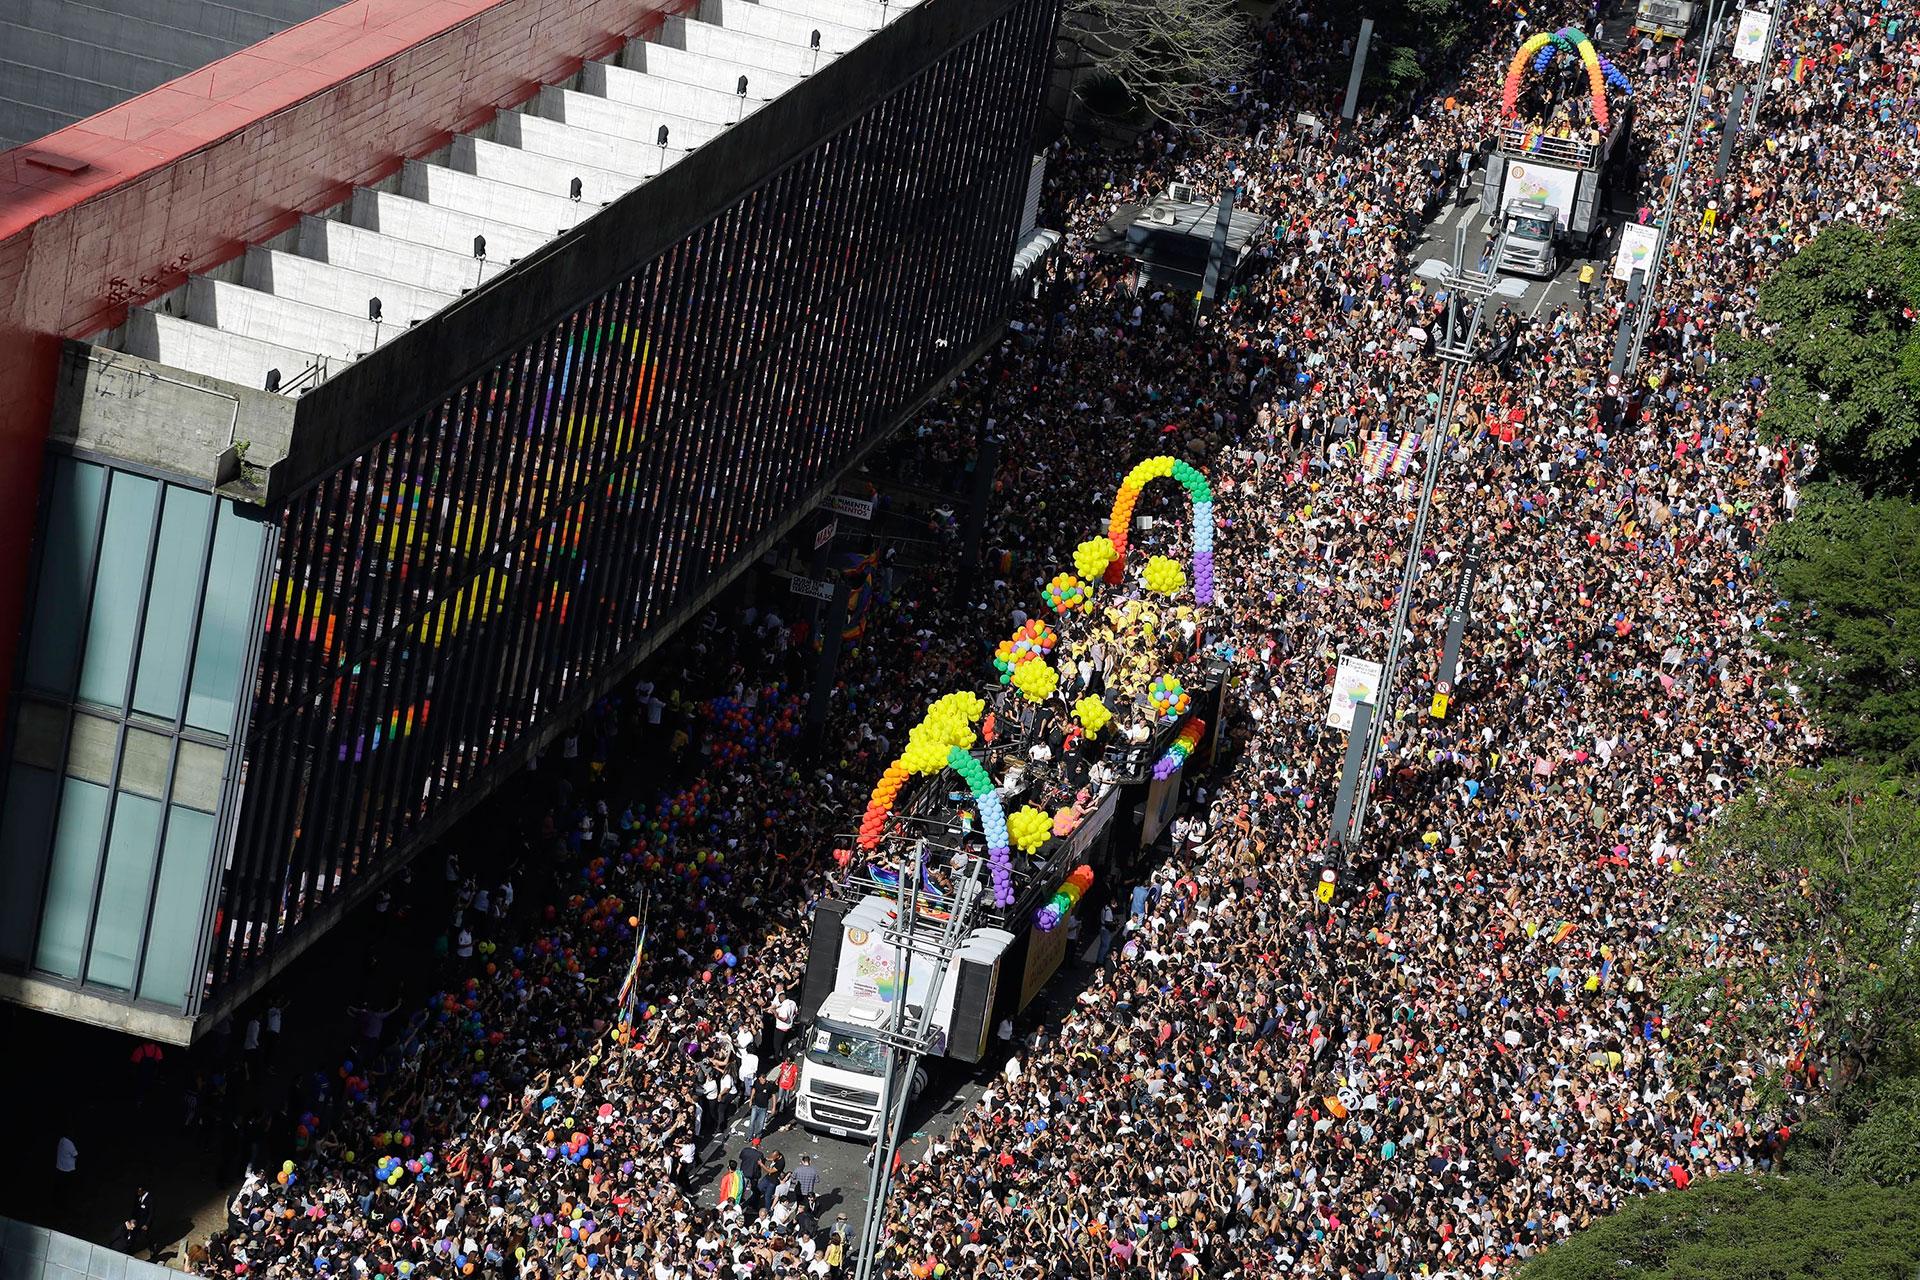 Millones de personas, se congregaron este domingo en las avenidas Paulista y Consolacao de San Pablo para exigir un verdadero estado laico en la tradicional marcha del orgullo gay de Brasil